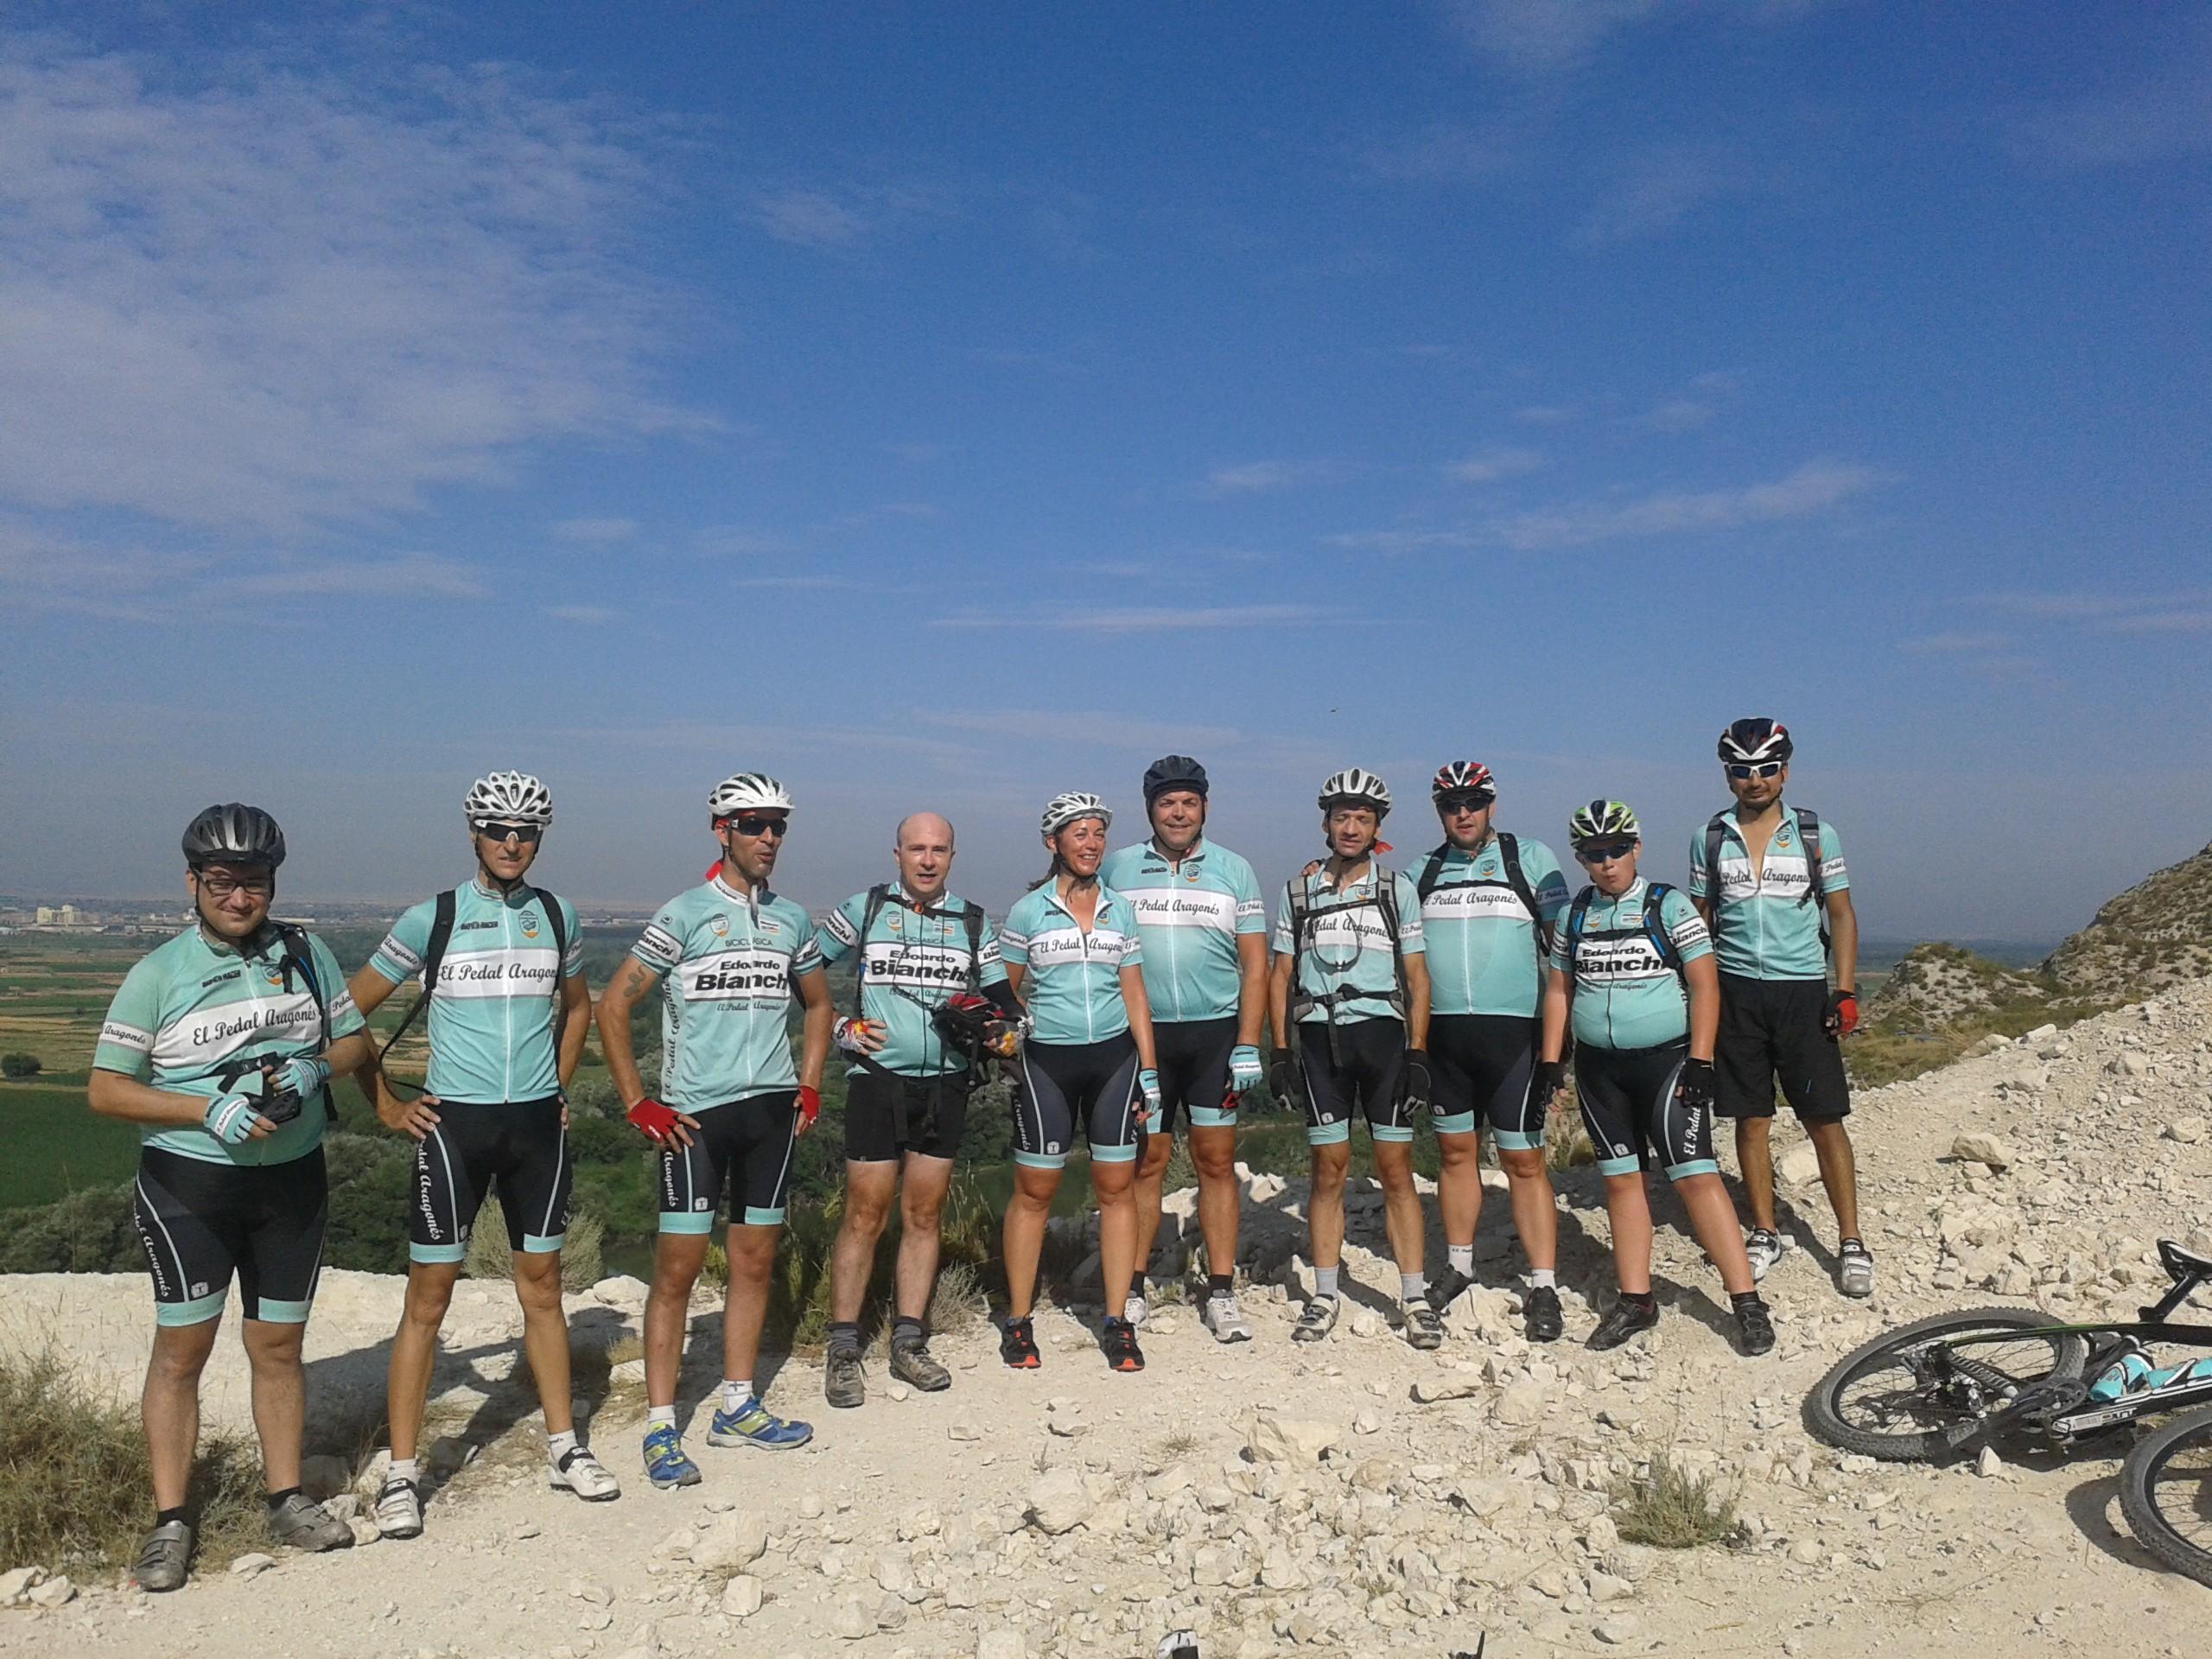 Grupo del pedal btt